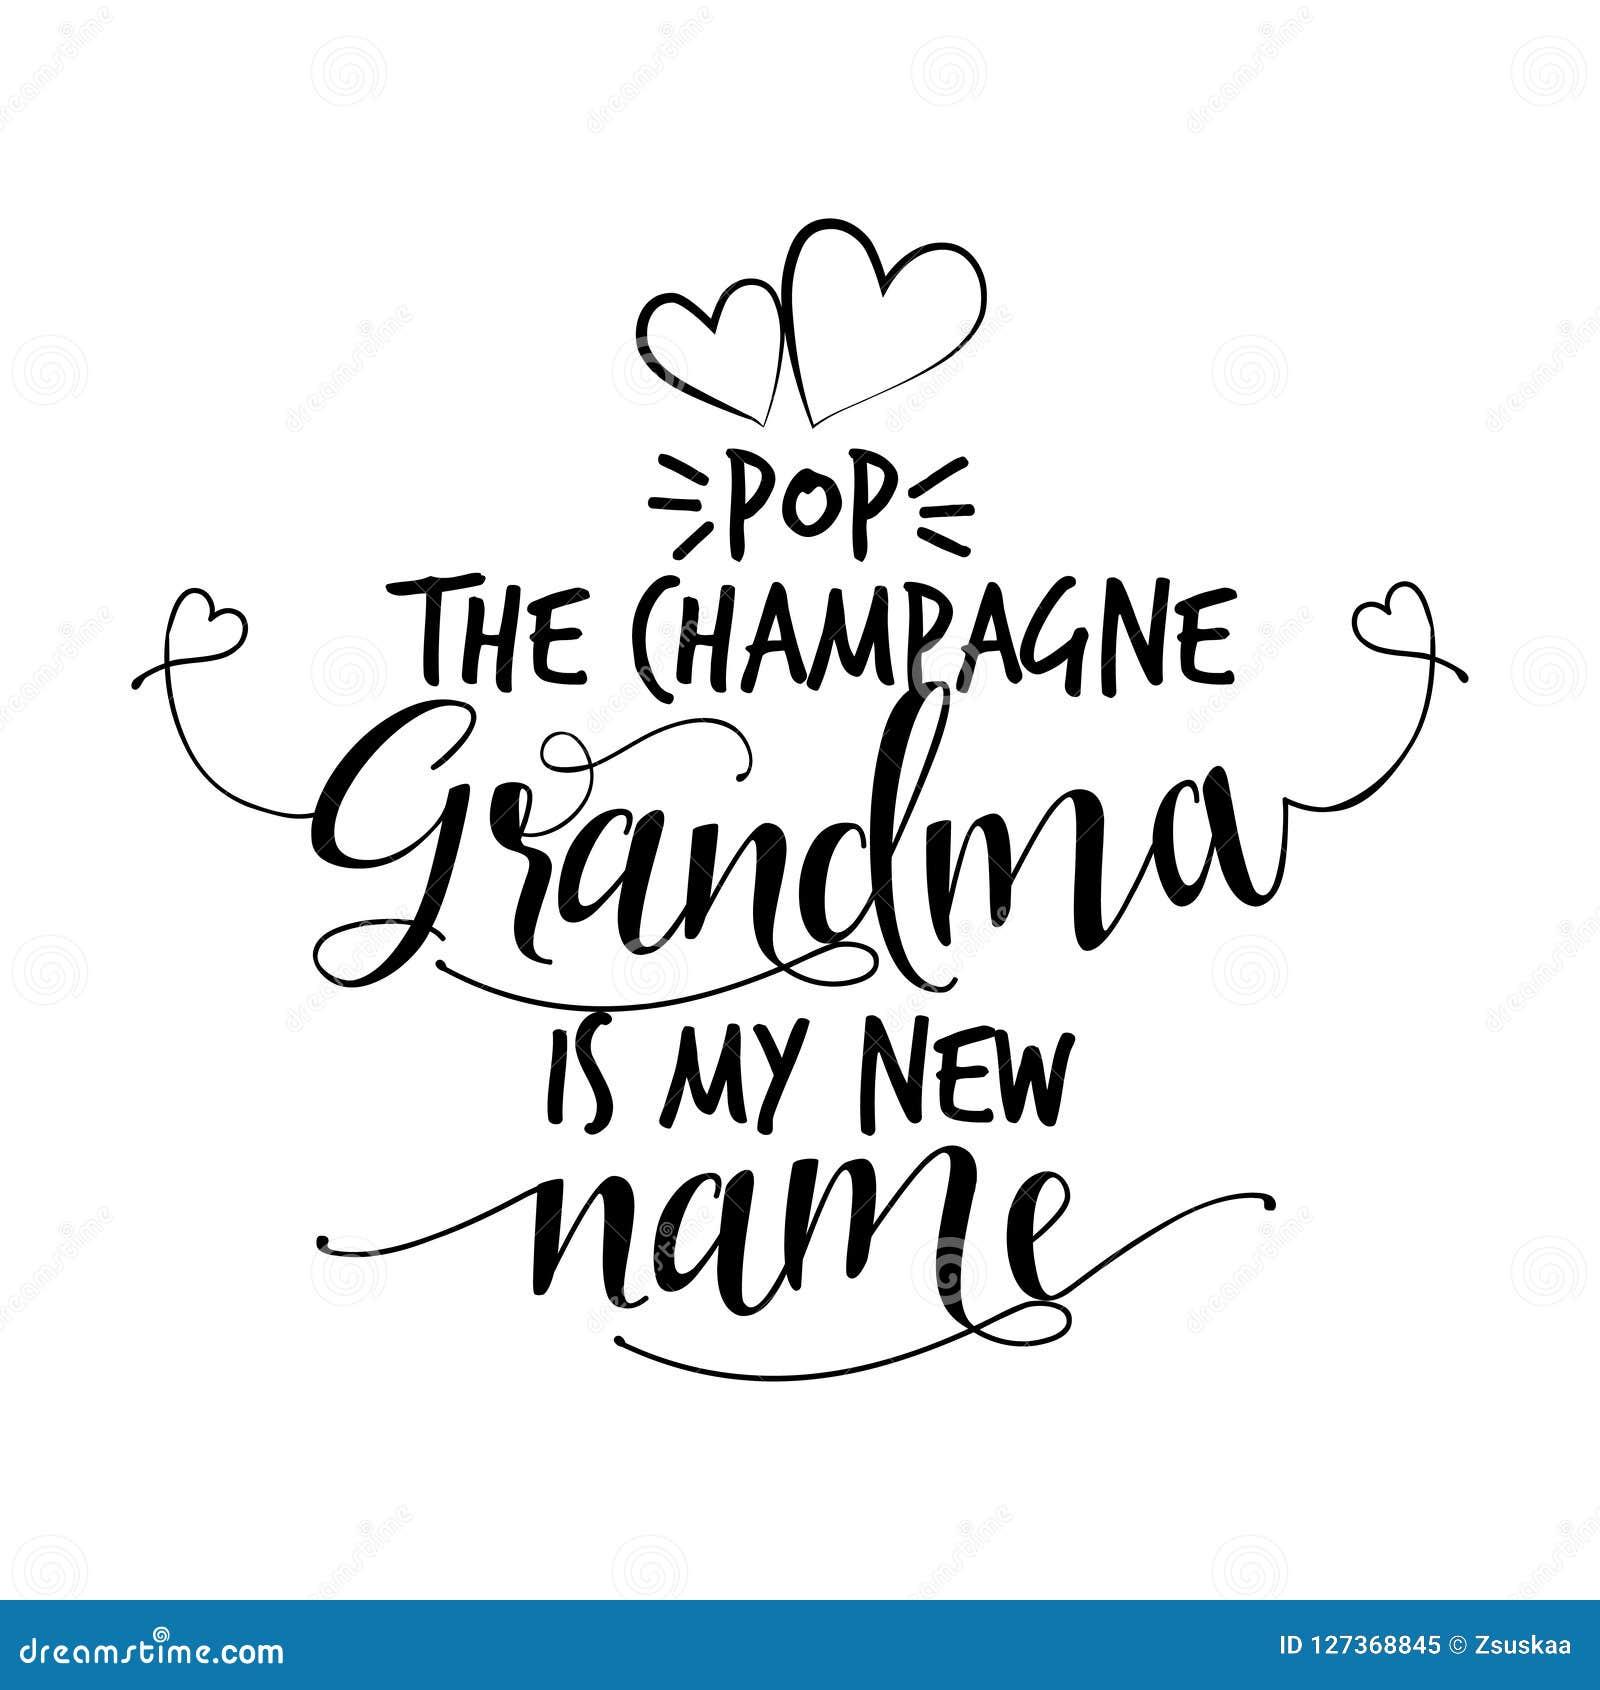 Хлопните шампанское, бабушка мое новое имя